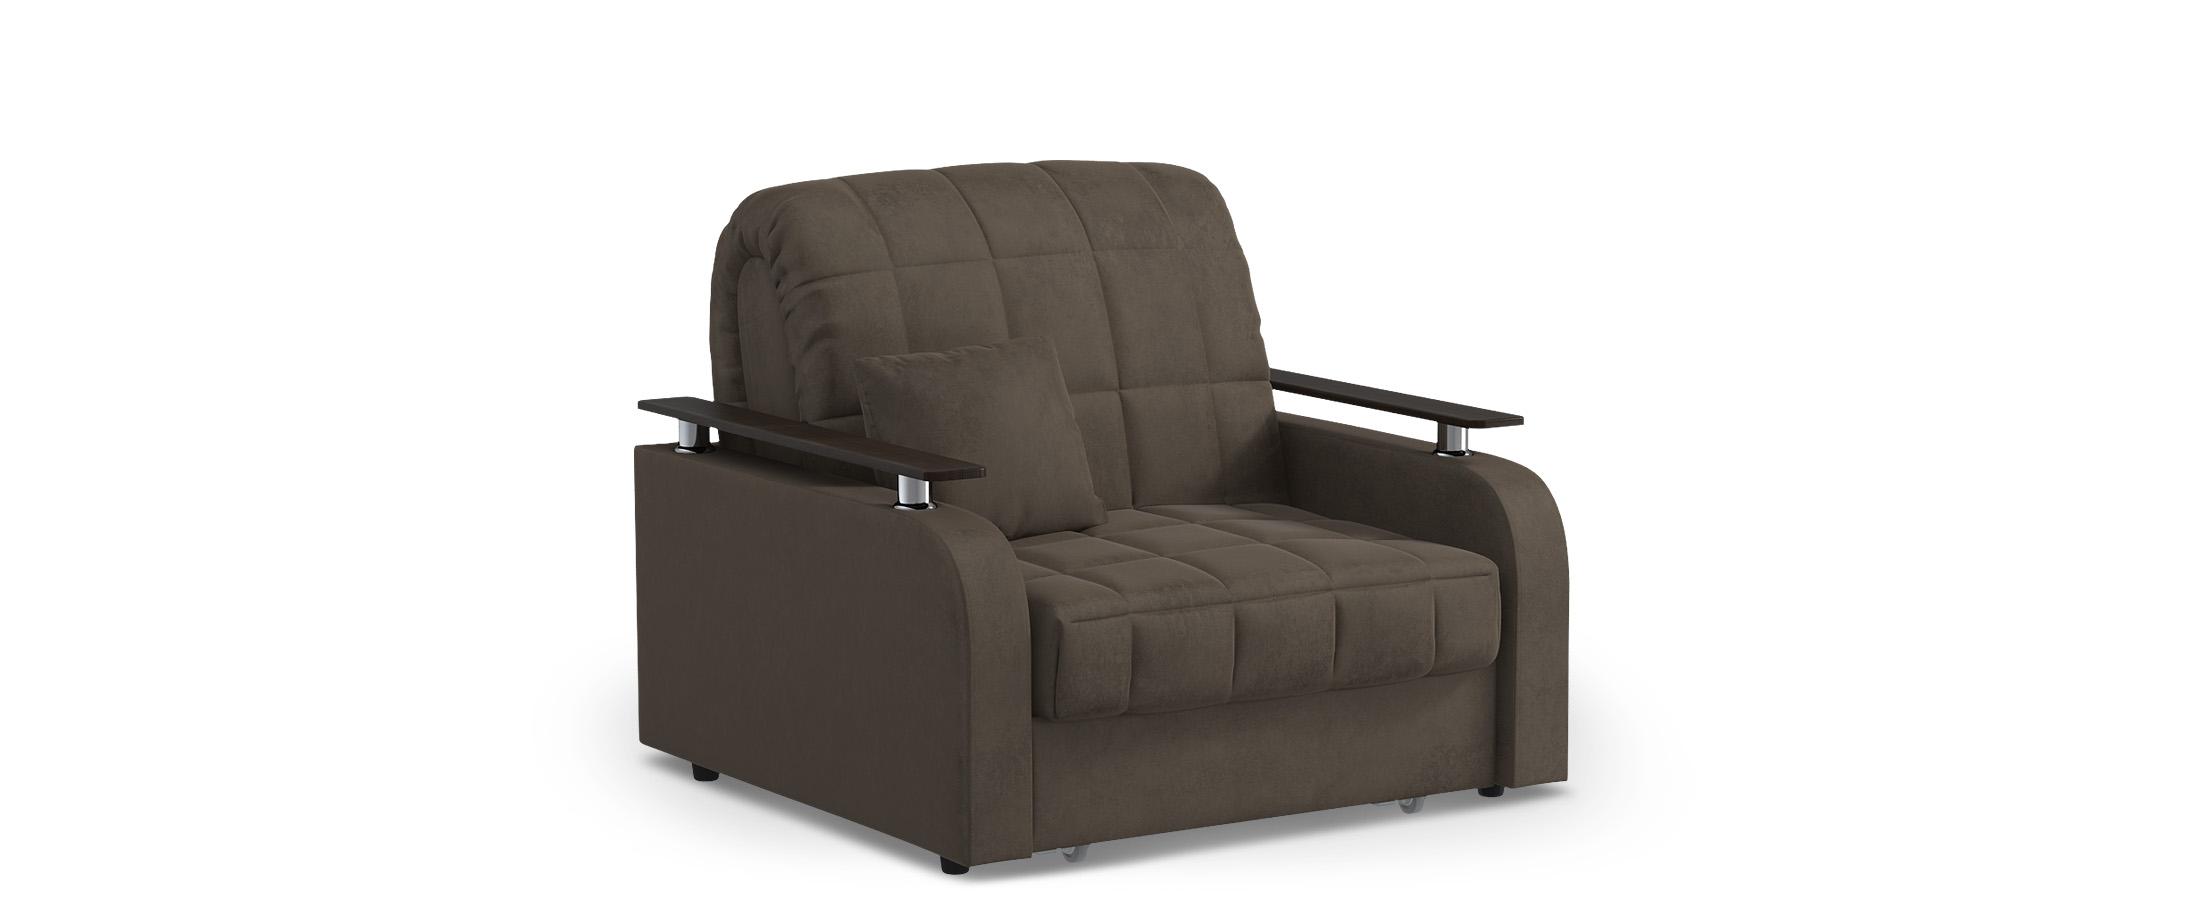 Кресло-кровать Карина 044Купить коричневое  кресло-кровать Карина 044. Доставка от 1 дня. Подъём, сборка, вынос упаковки. Гарантия 18 месяцев. Интернет-магазин мебели MOON-TRADE.RU